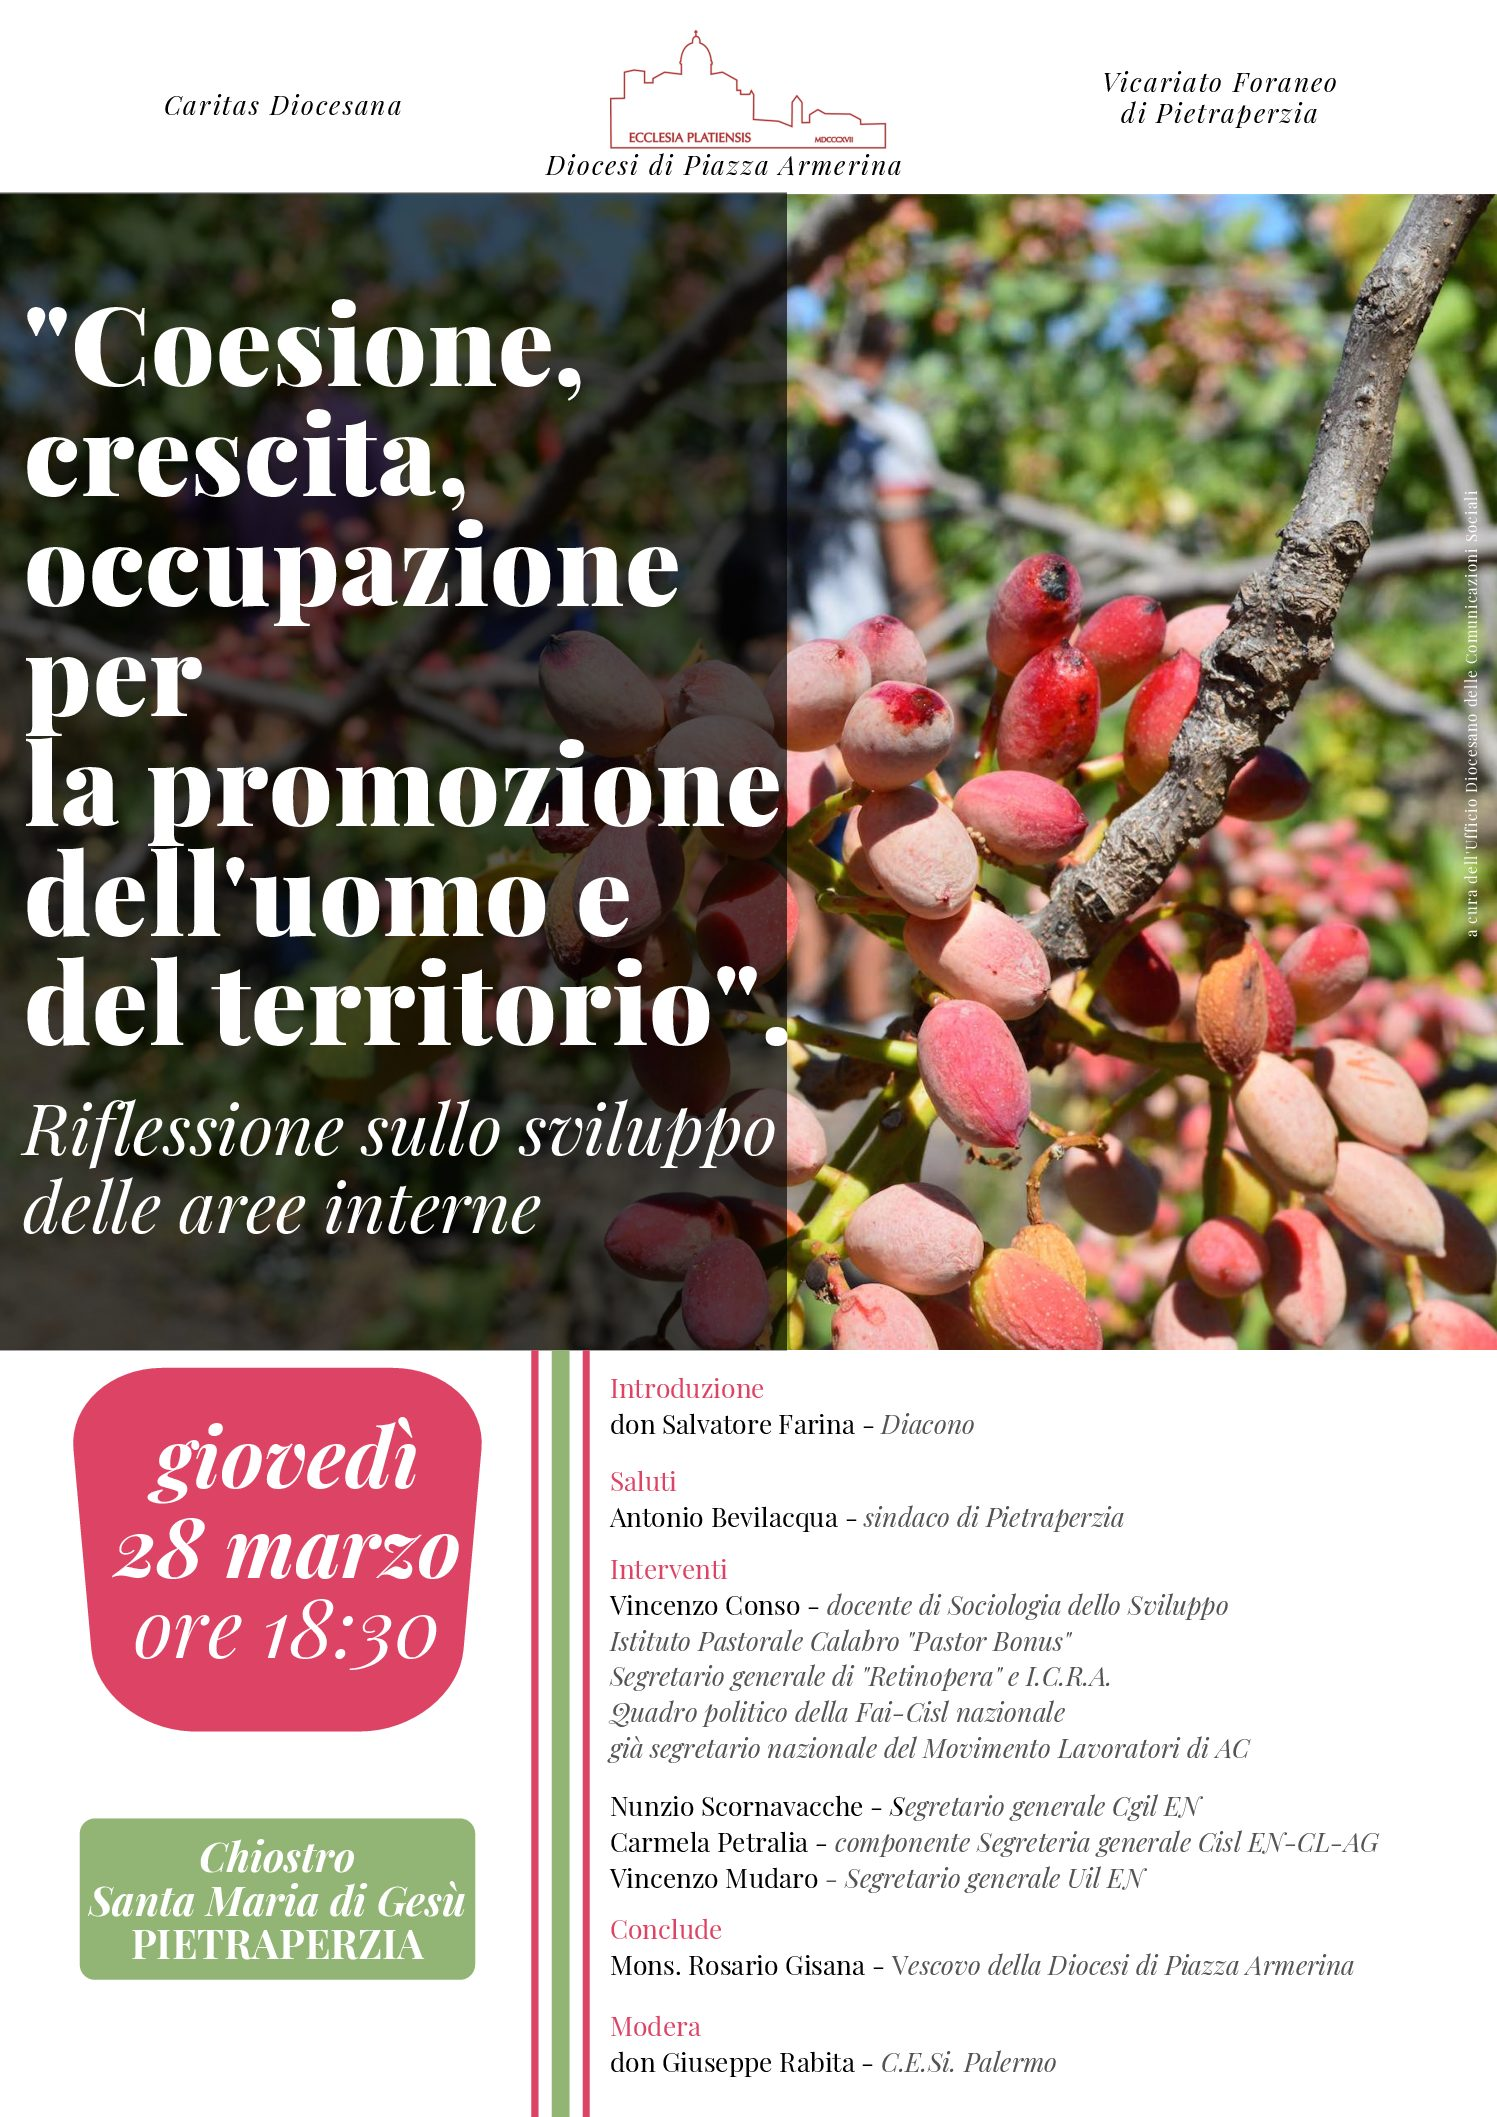 Photo of Coesione, crescita occupazione per la promozione dell'uomo e del territorio. Riflessioni sullo sviluppo delle aree interne.